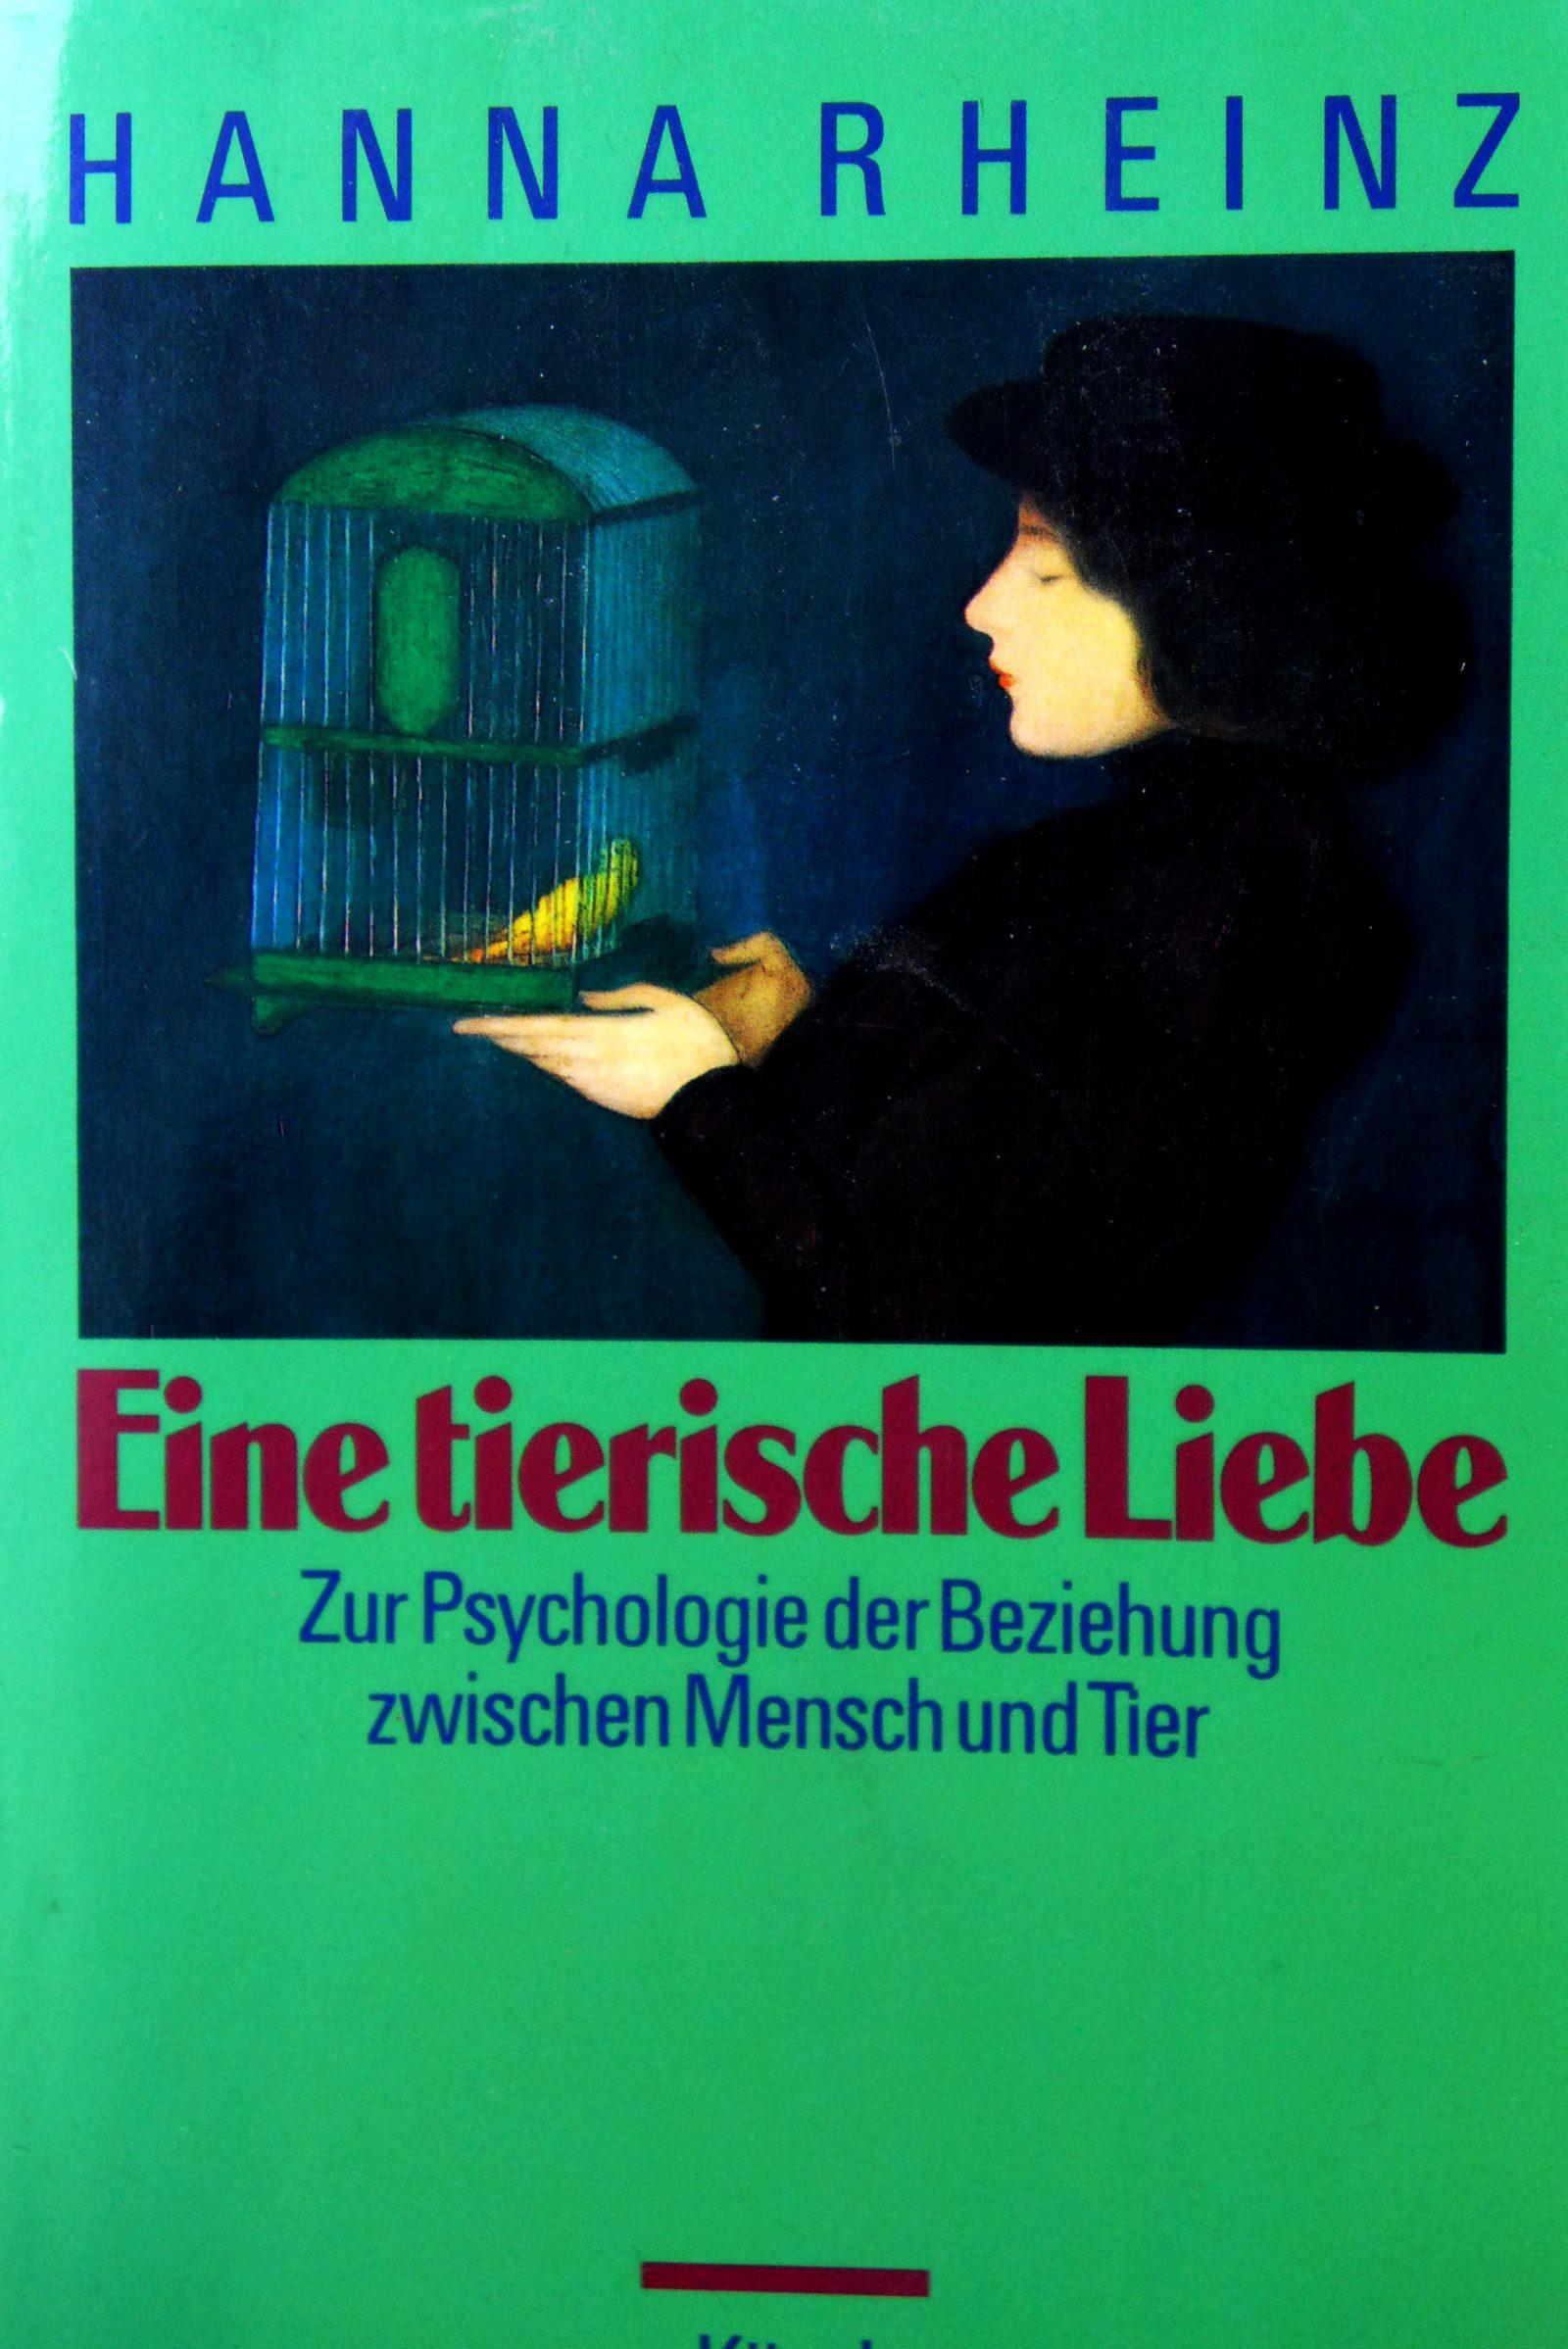 Hanna Rheinz: Eine tierische Liebe - Zur Psychologie der Beziehung zwischen Menschen und Tieren, München 1994 Verlag Kösel, heute RandomHouse